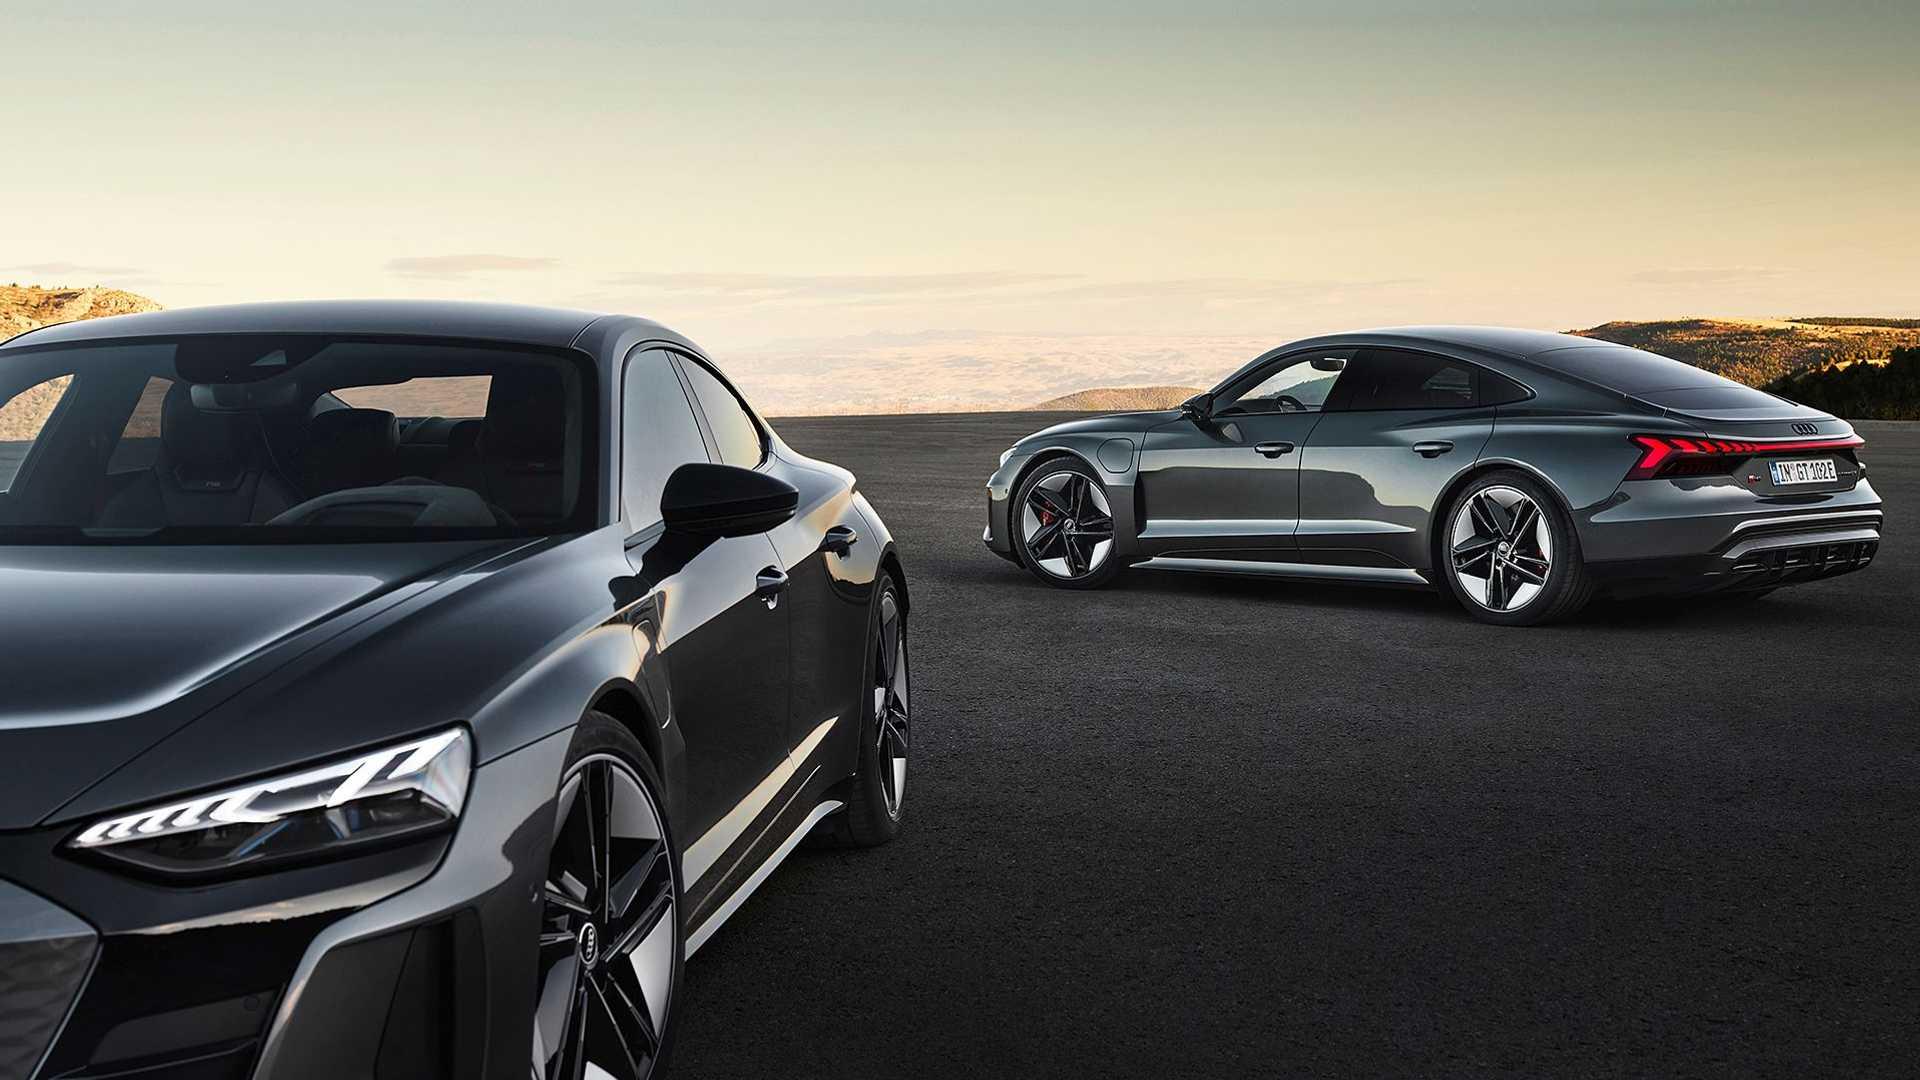 آئودی ای ترون GT و RS ای ترون معرفی شد